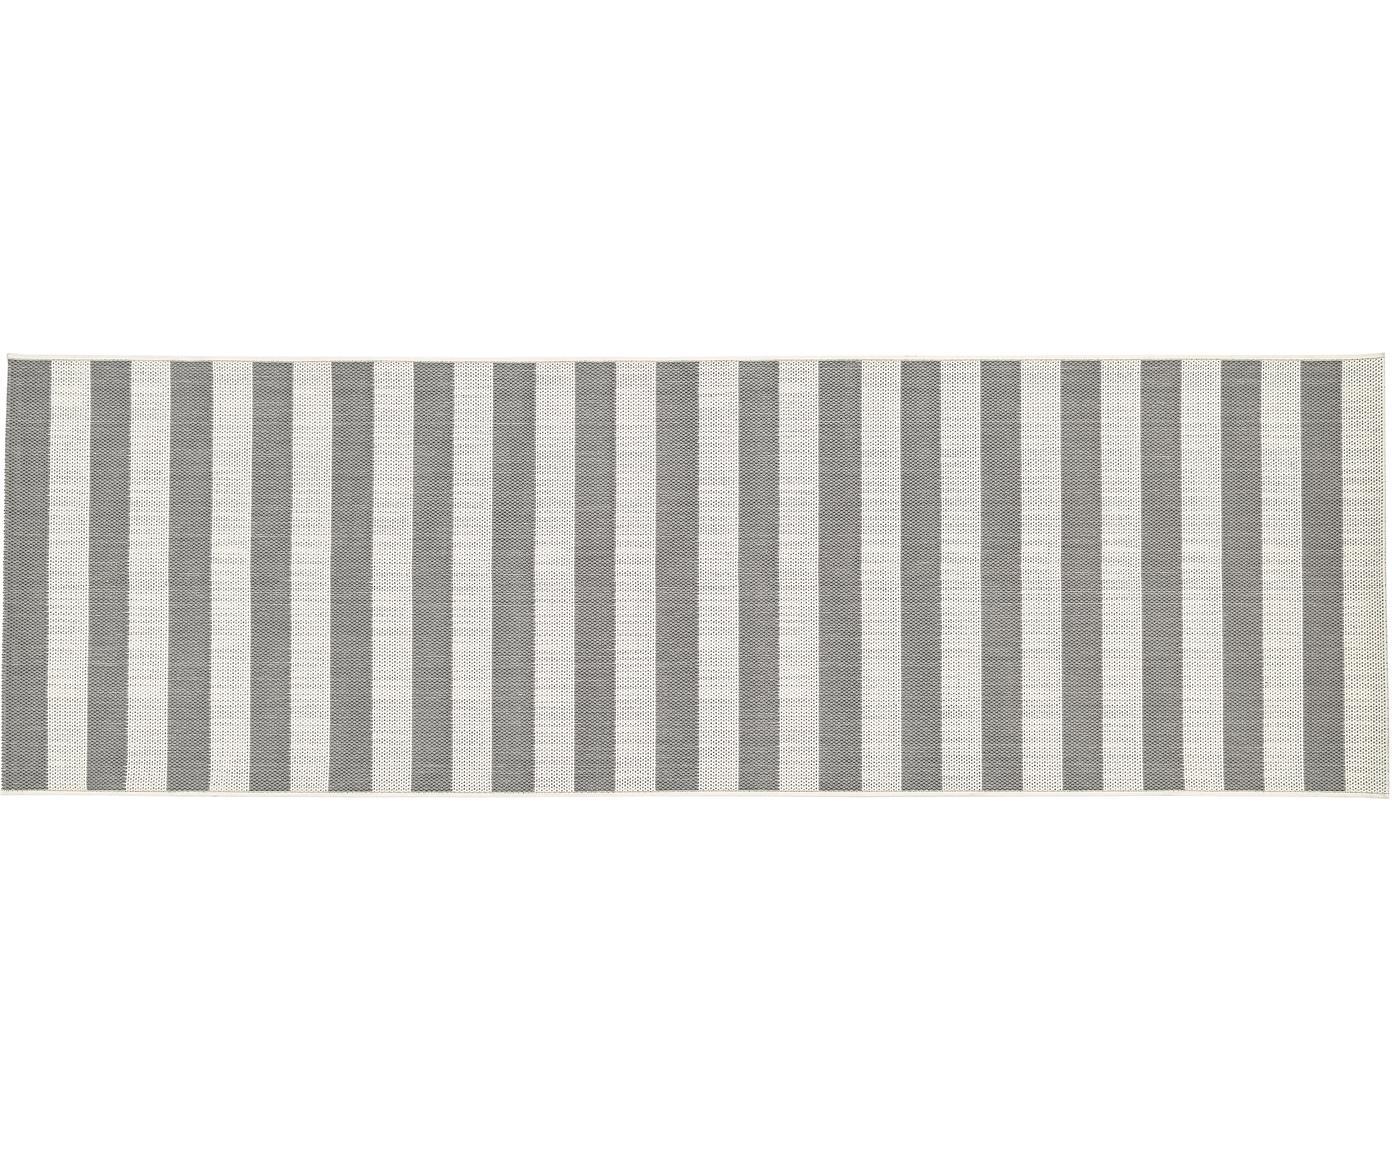 Passatoia da interno-esterno a righe Axa, Retro: poliestere, Bianco crema, grigio, Larg. 80 x Lung. 250 cm